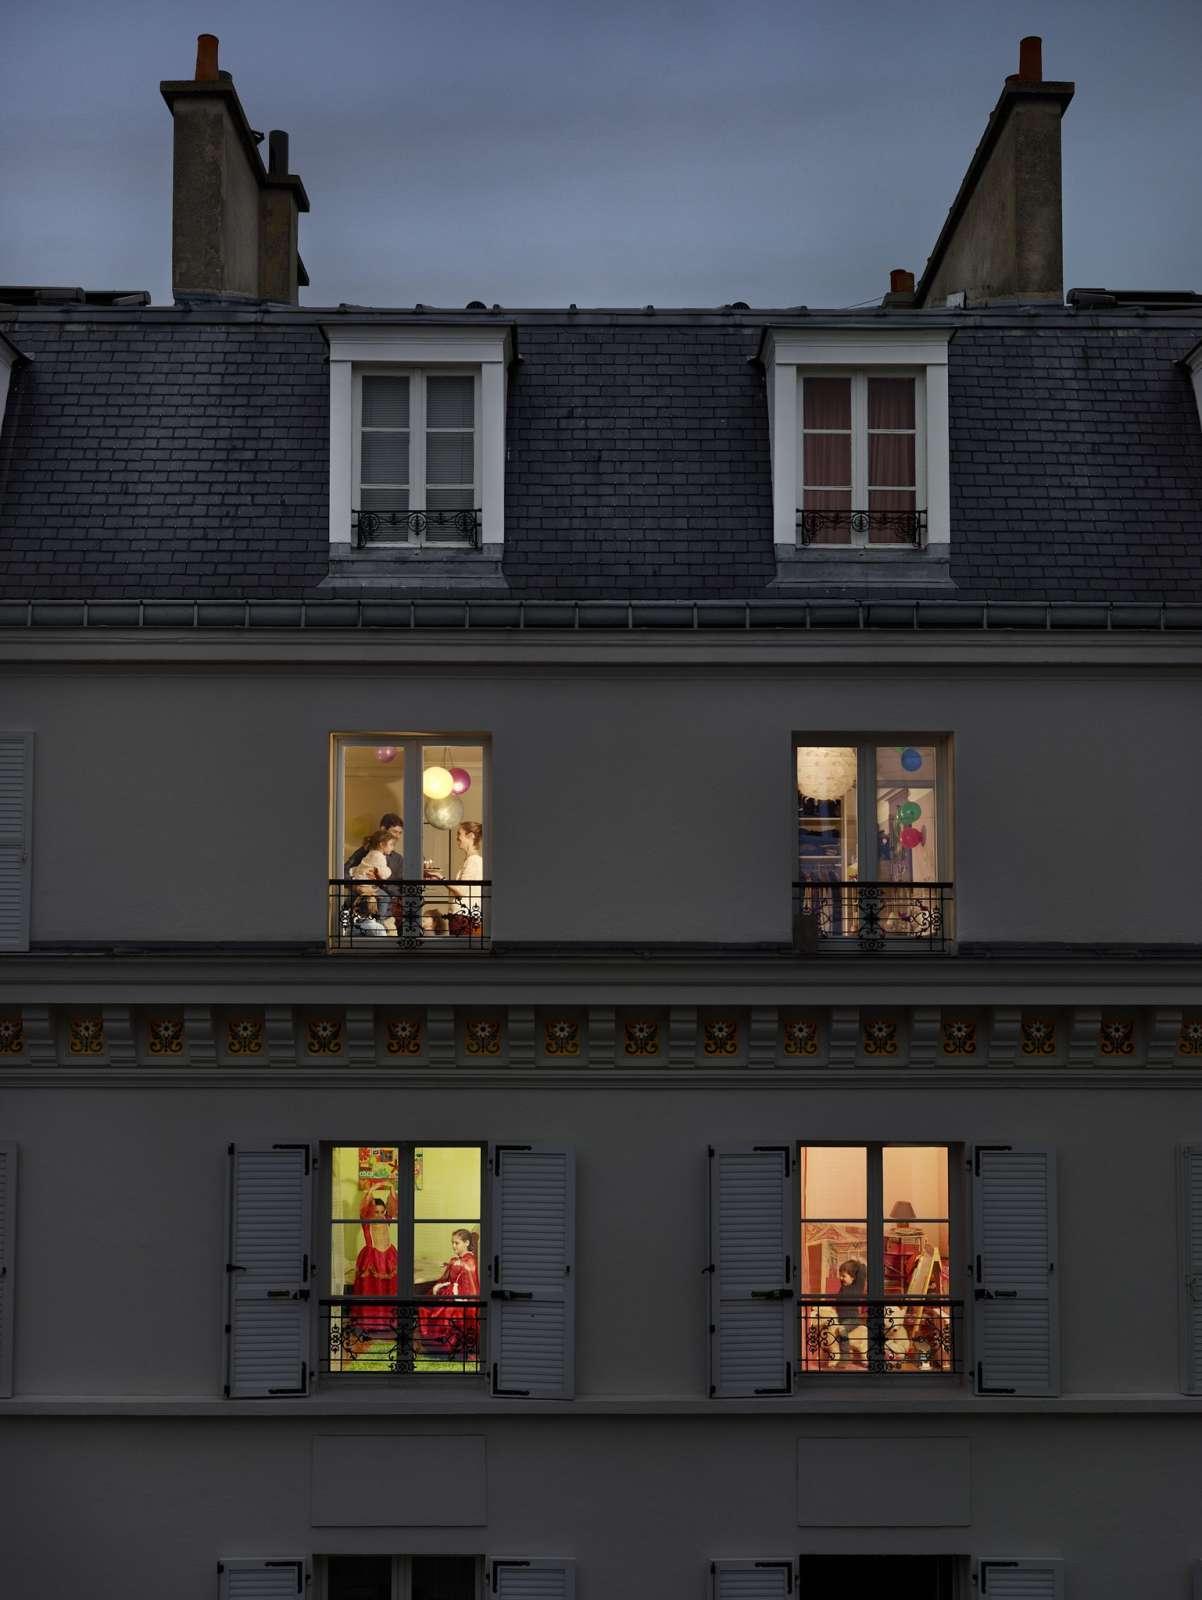 Gail Albert-Halaban, Rue Lemercier, Paris, 17E, Le 17 Novembre, 2013